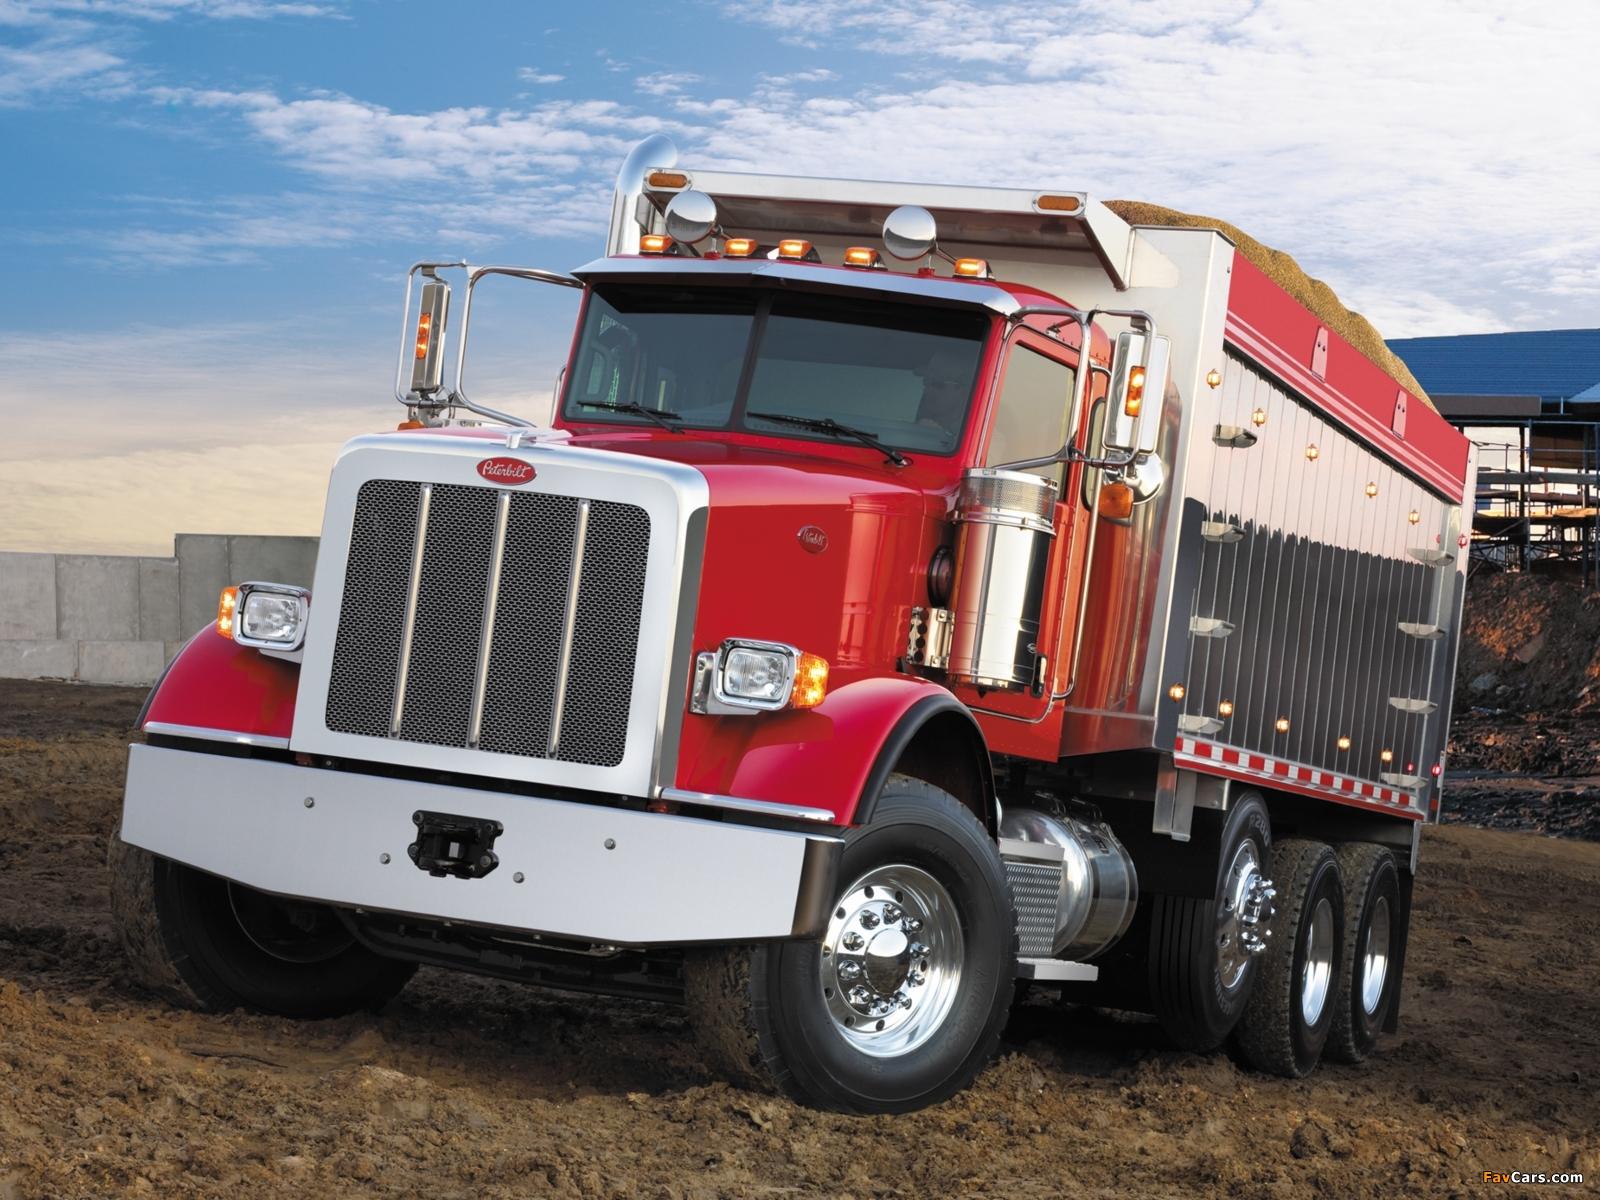 Peterbilt 367 Dump Truck 2007 wallpapers (1600 x 1200)